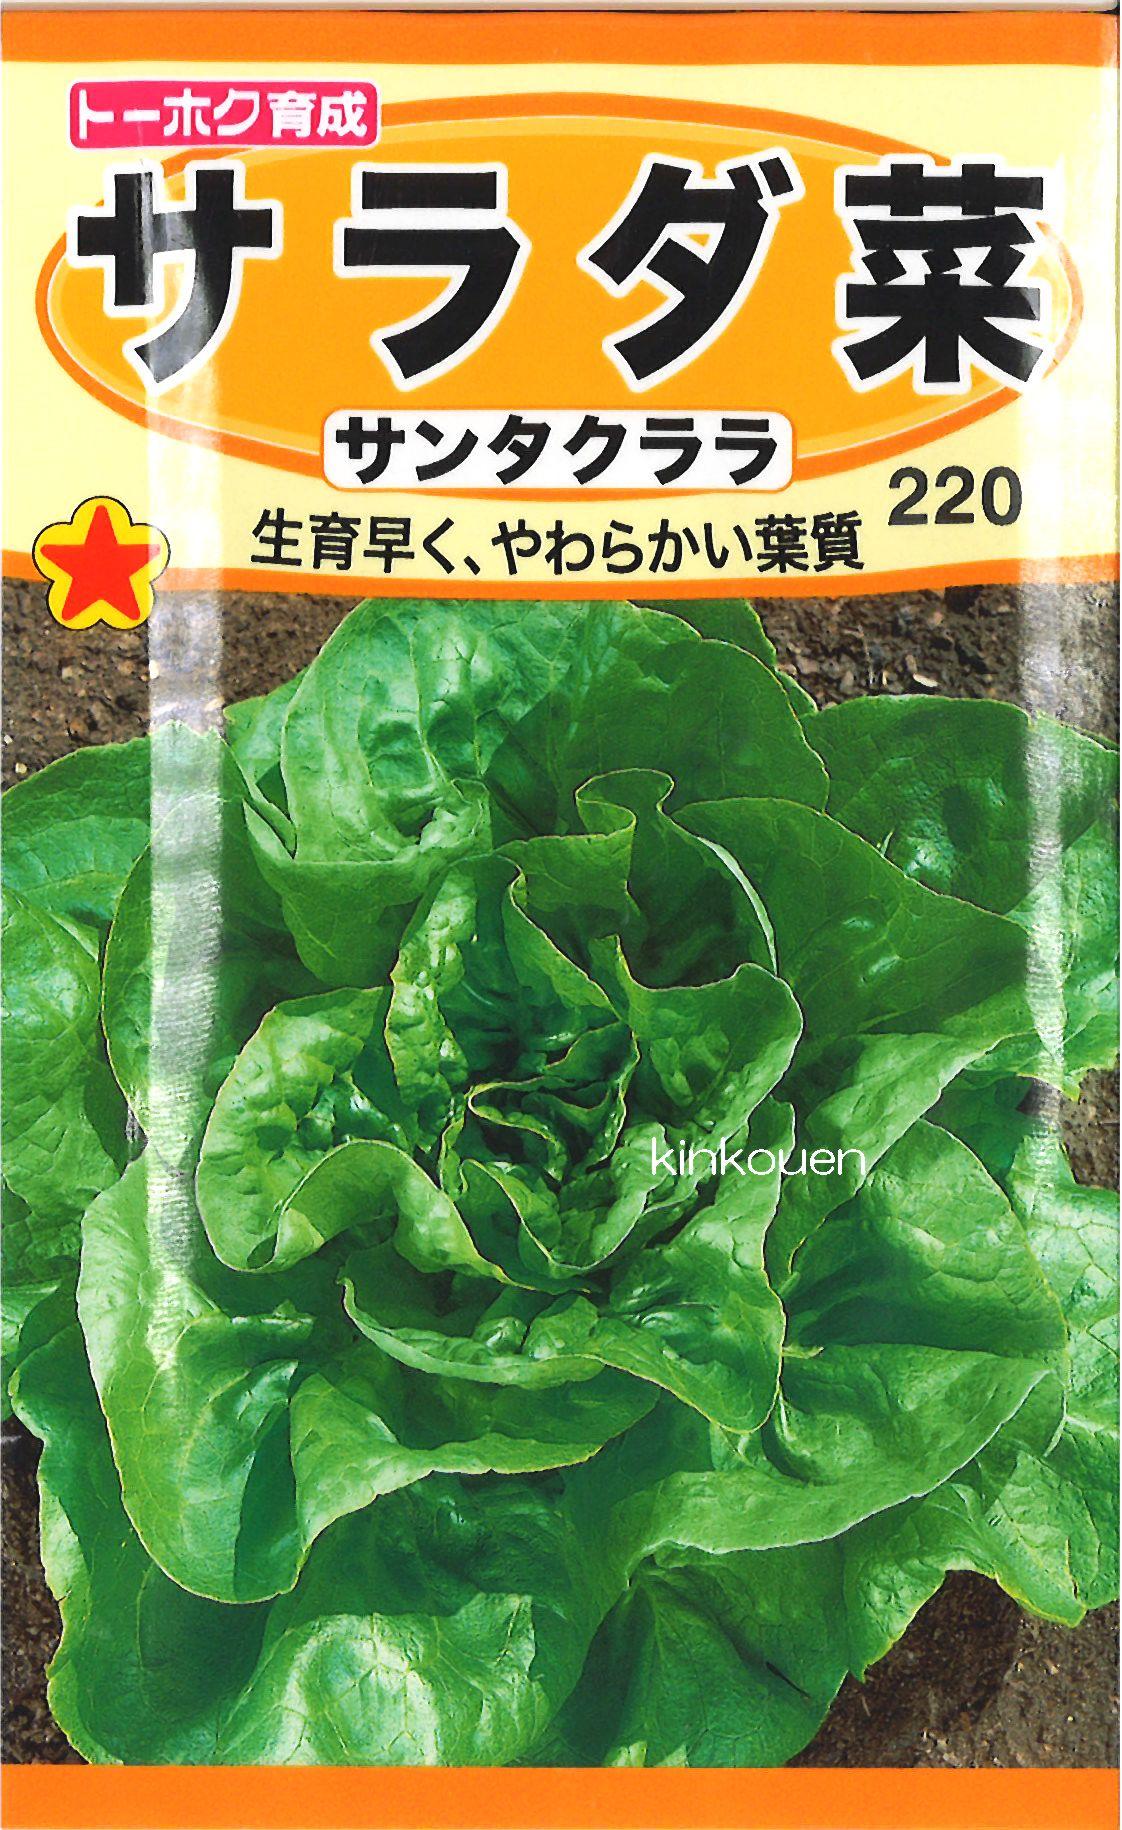 《代引不可》《5袋まで送料80円》 □サラダ菜サンタクララ